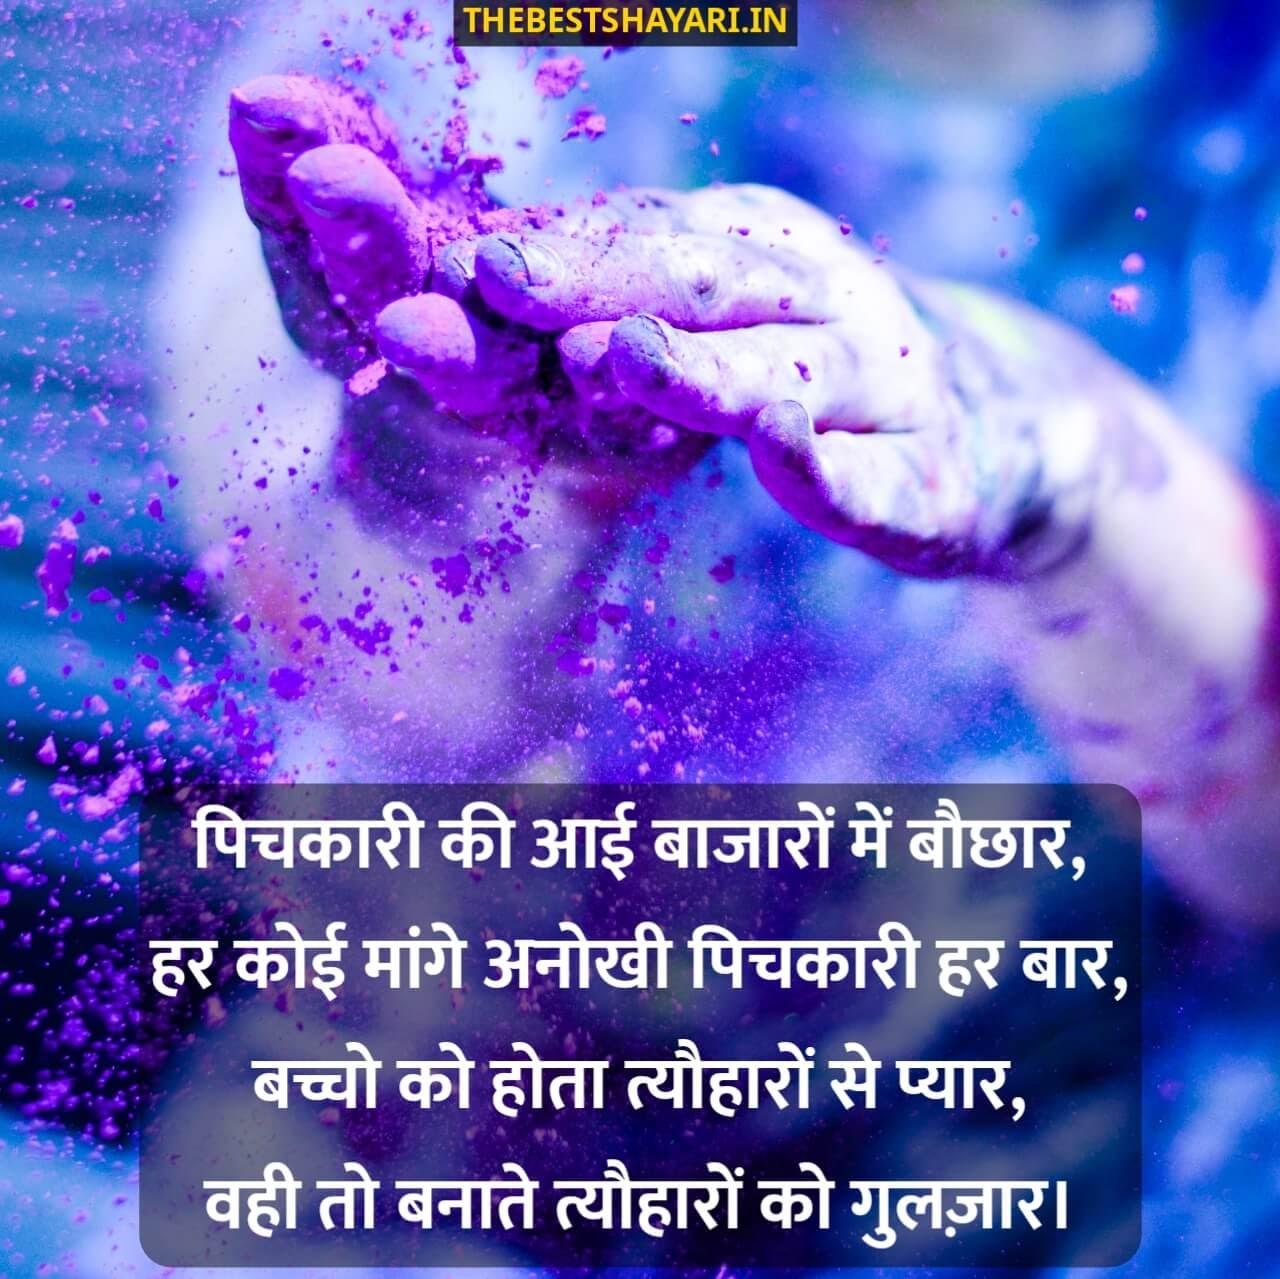 Holi shayari image 1